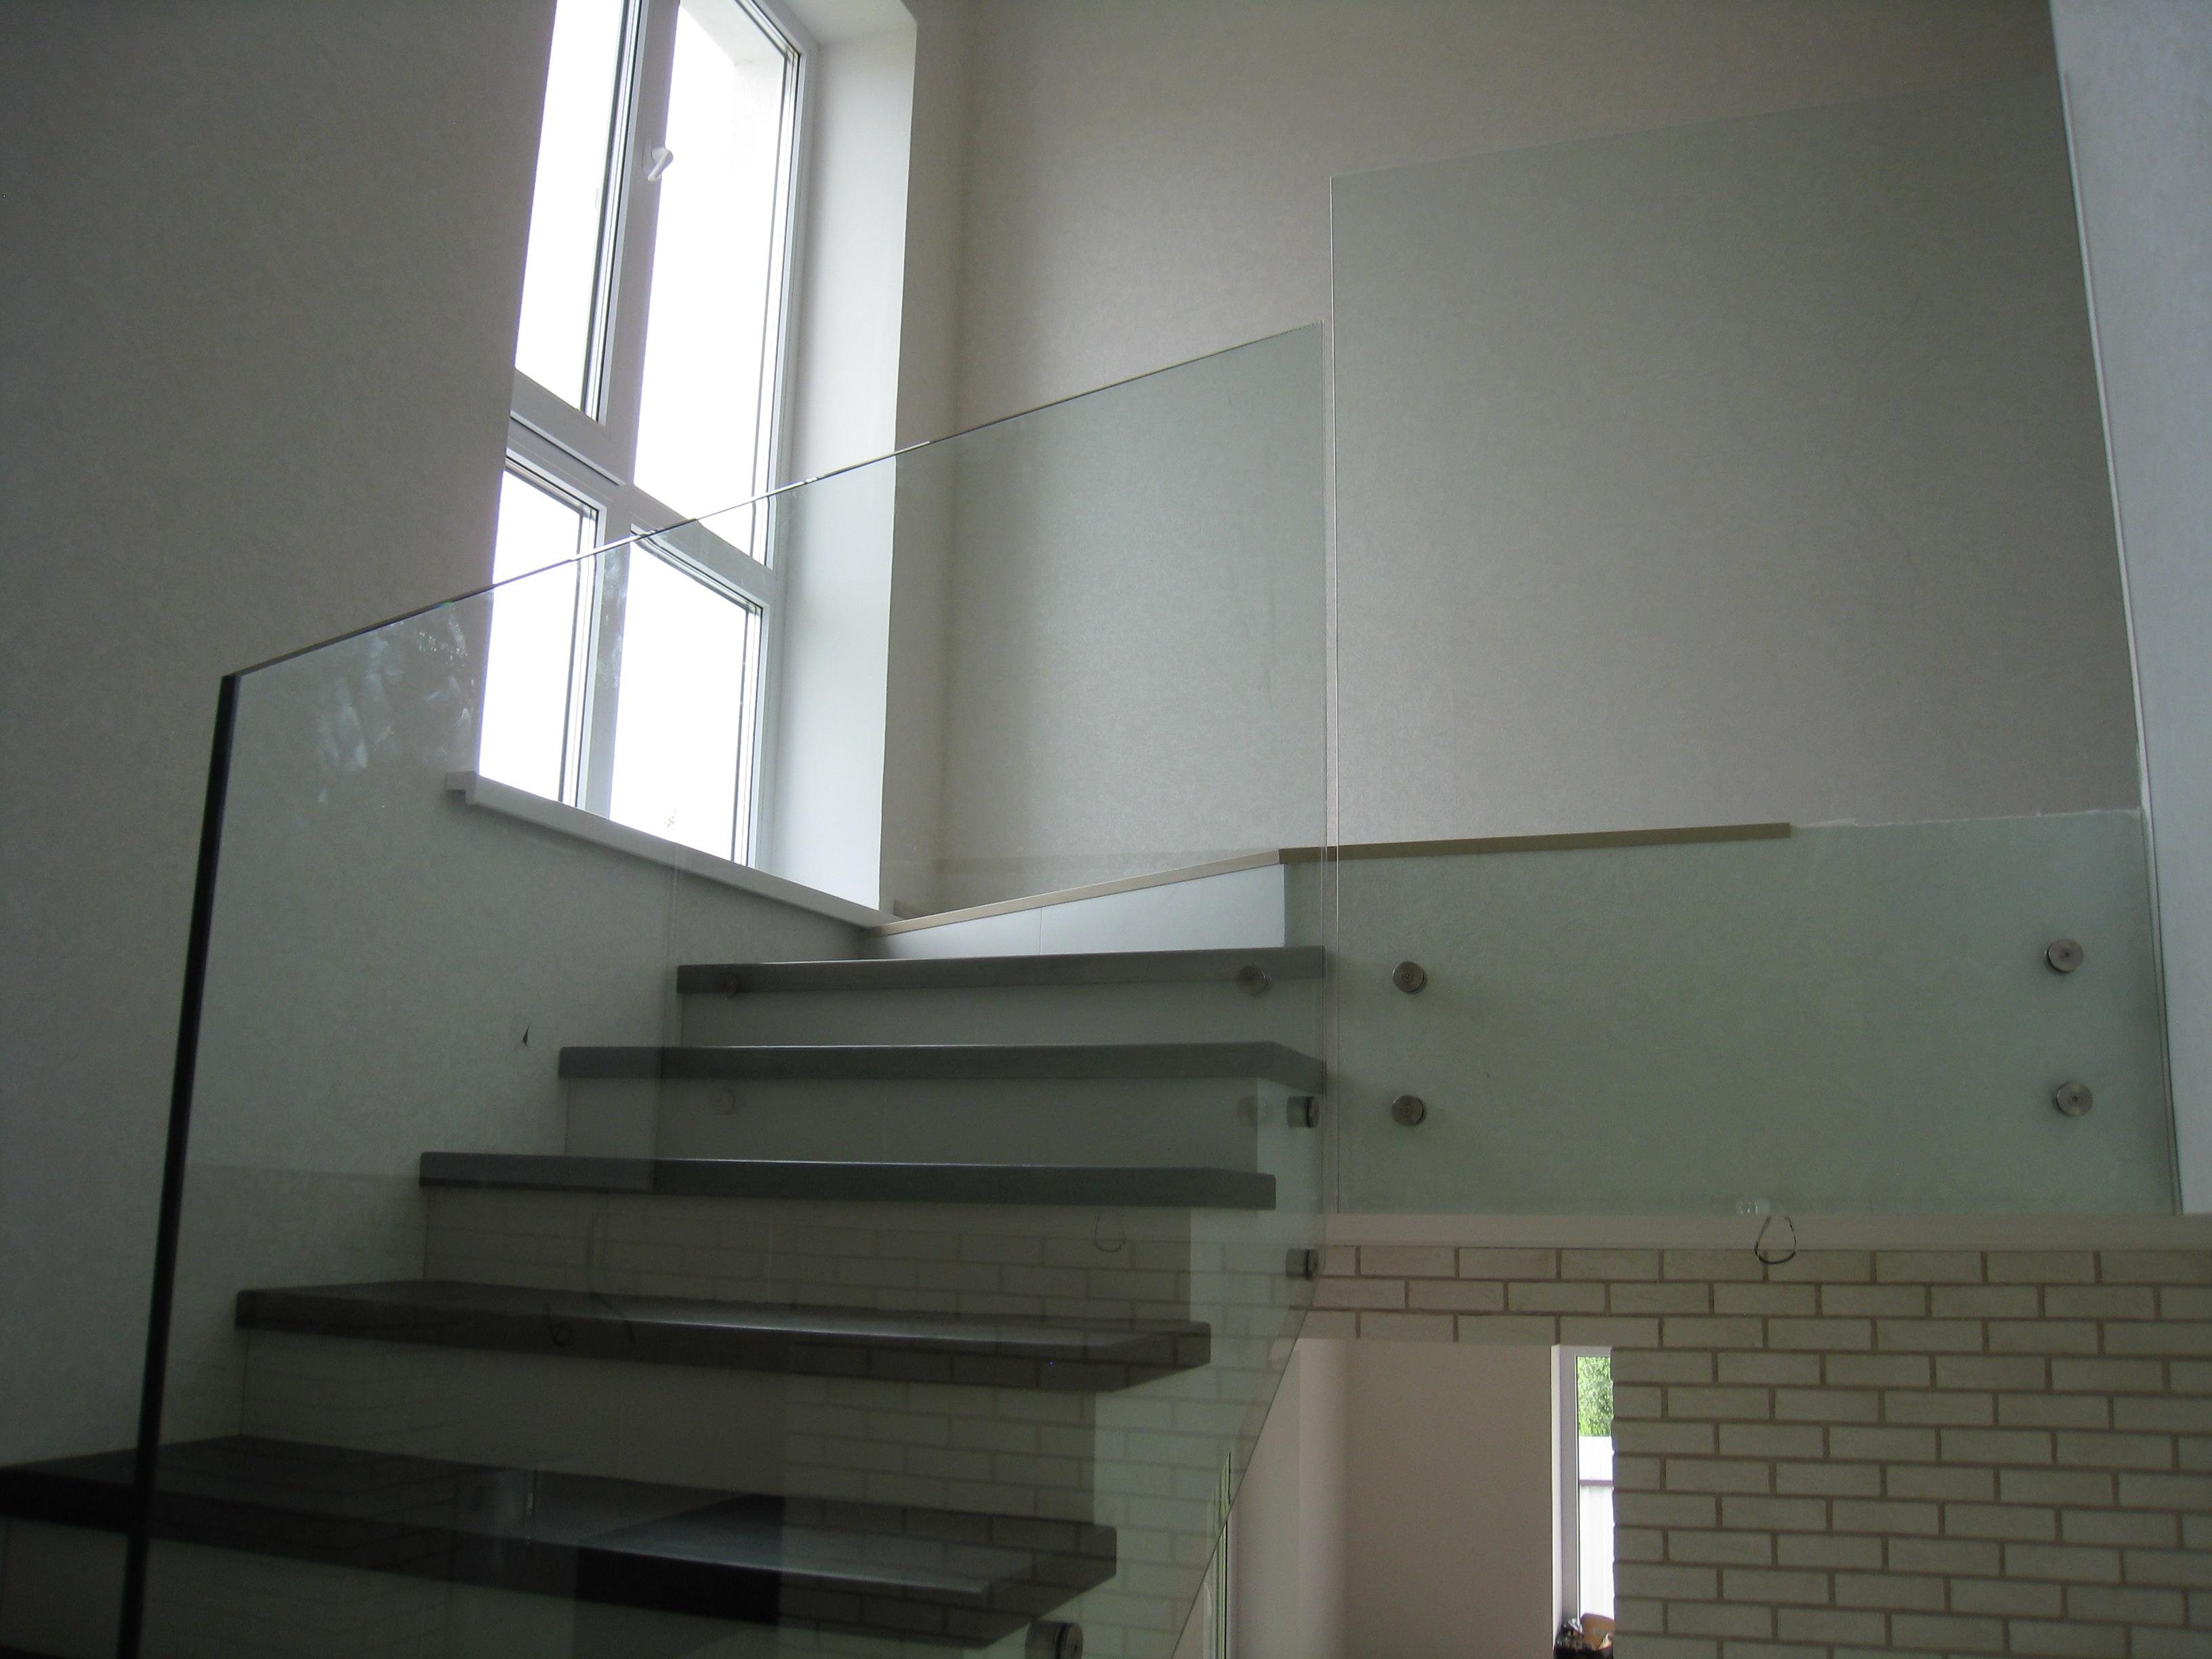 Стеклянные перила с боковым креплением для бетонной лестиницы